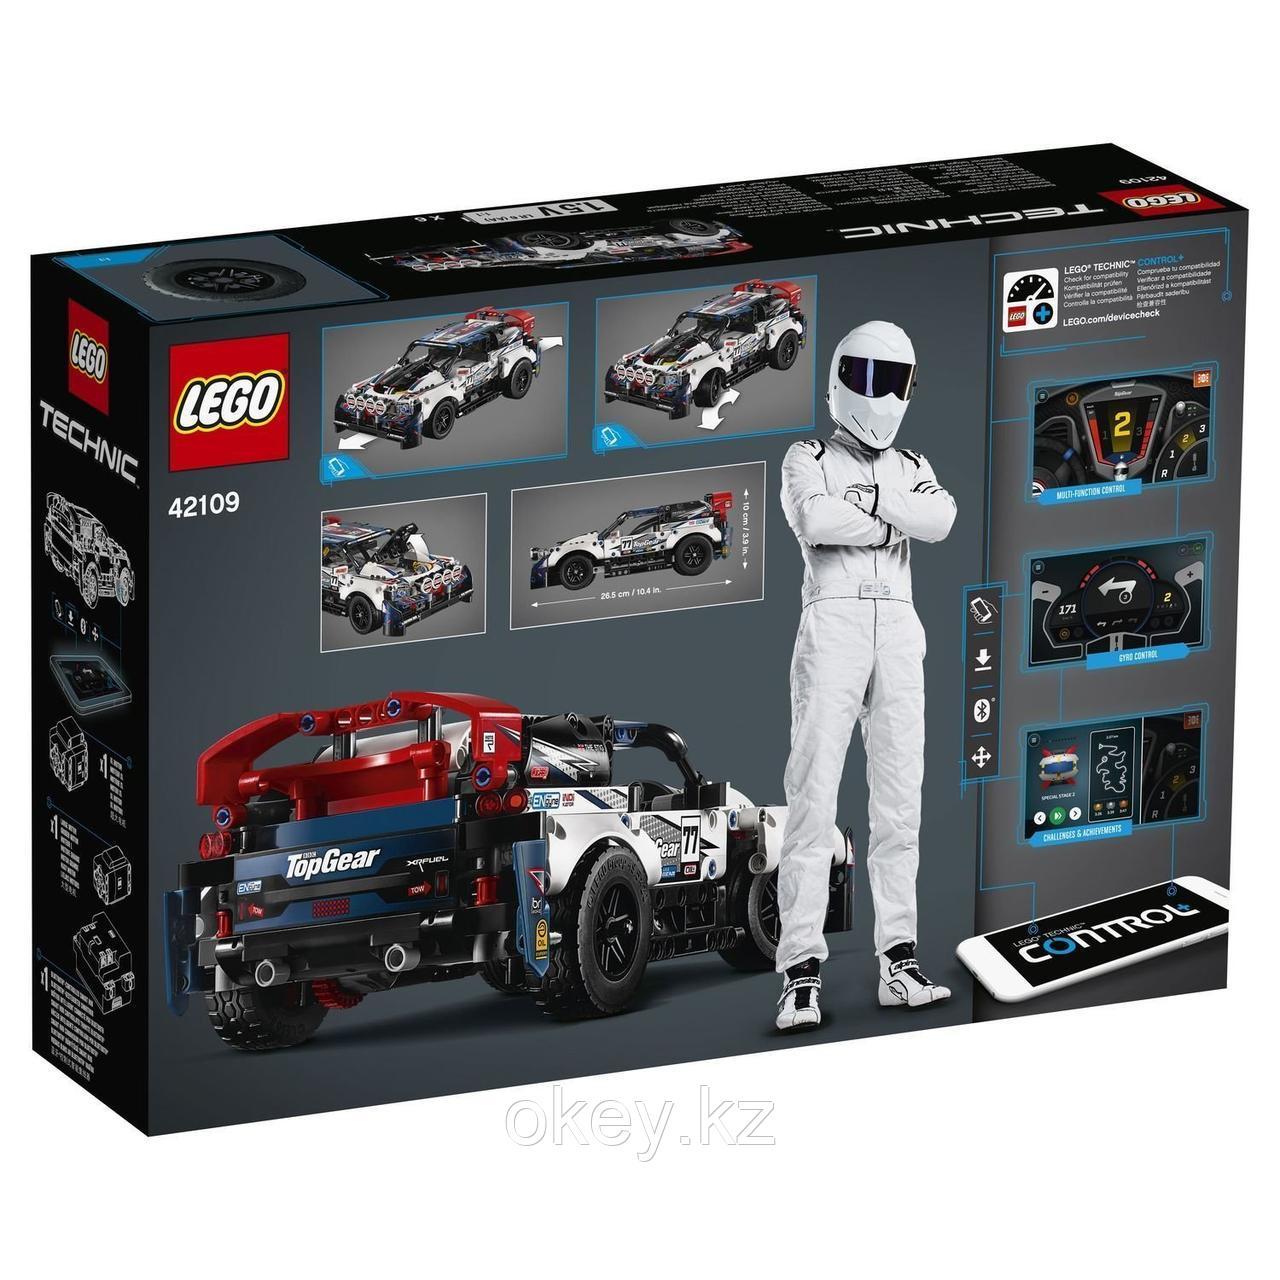 LEGO Technic: Гоночный автомобиль Top Gear 42109 - фото 2